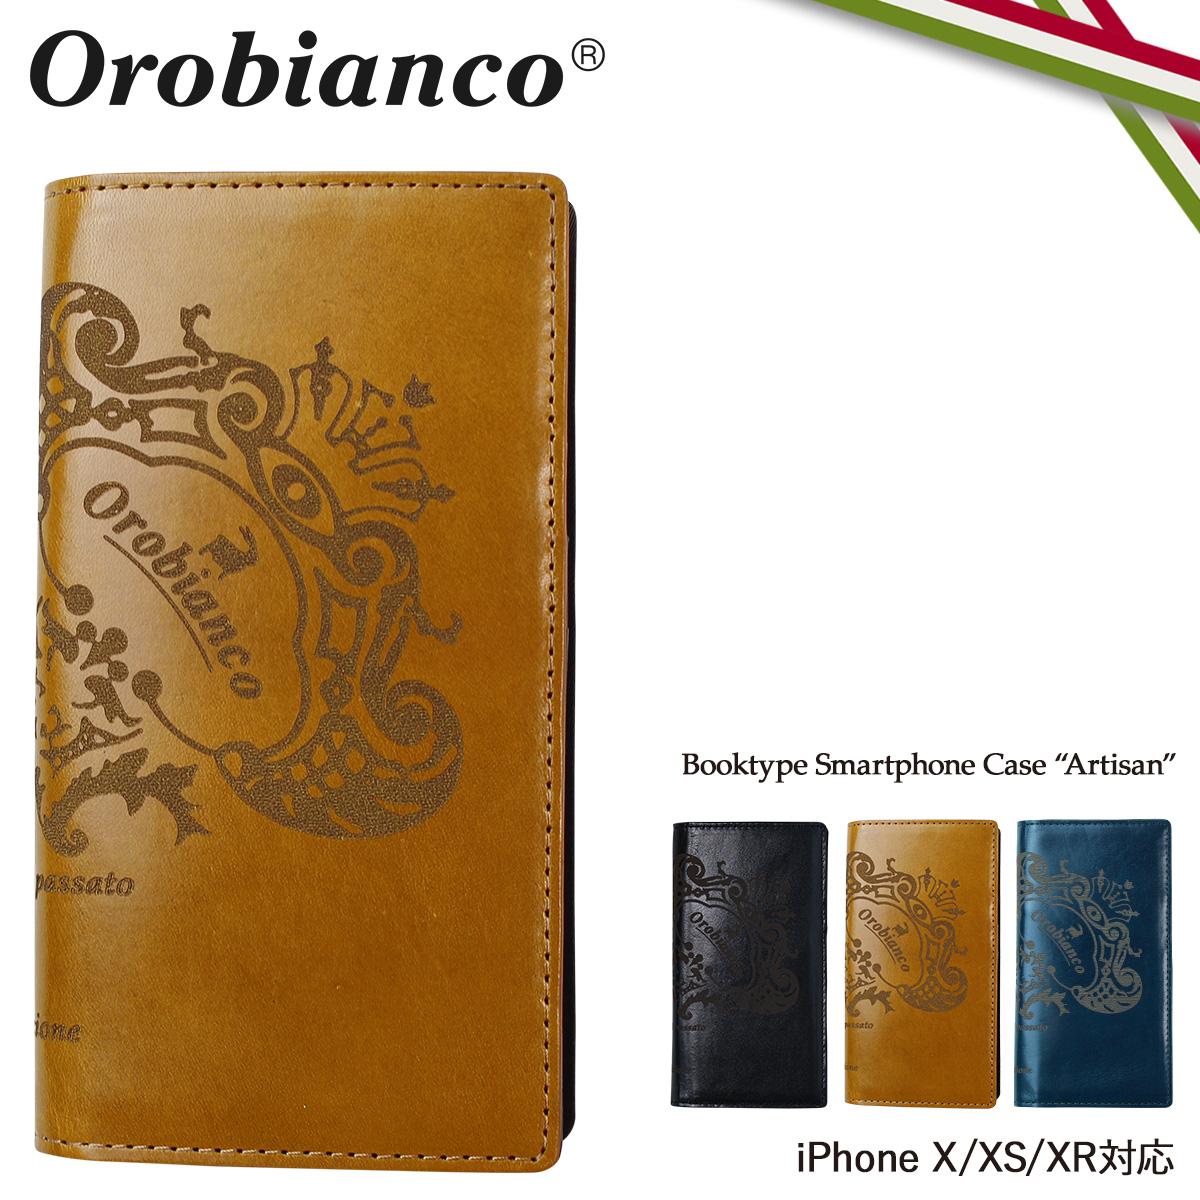 オロビアンコ Orobianco iPhone XR X XS ケース 手帳型 スマホ 携帯 アイフォン ARTISAN レザー メンズ レディース